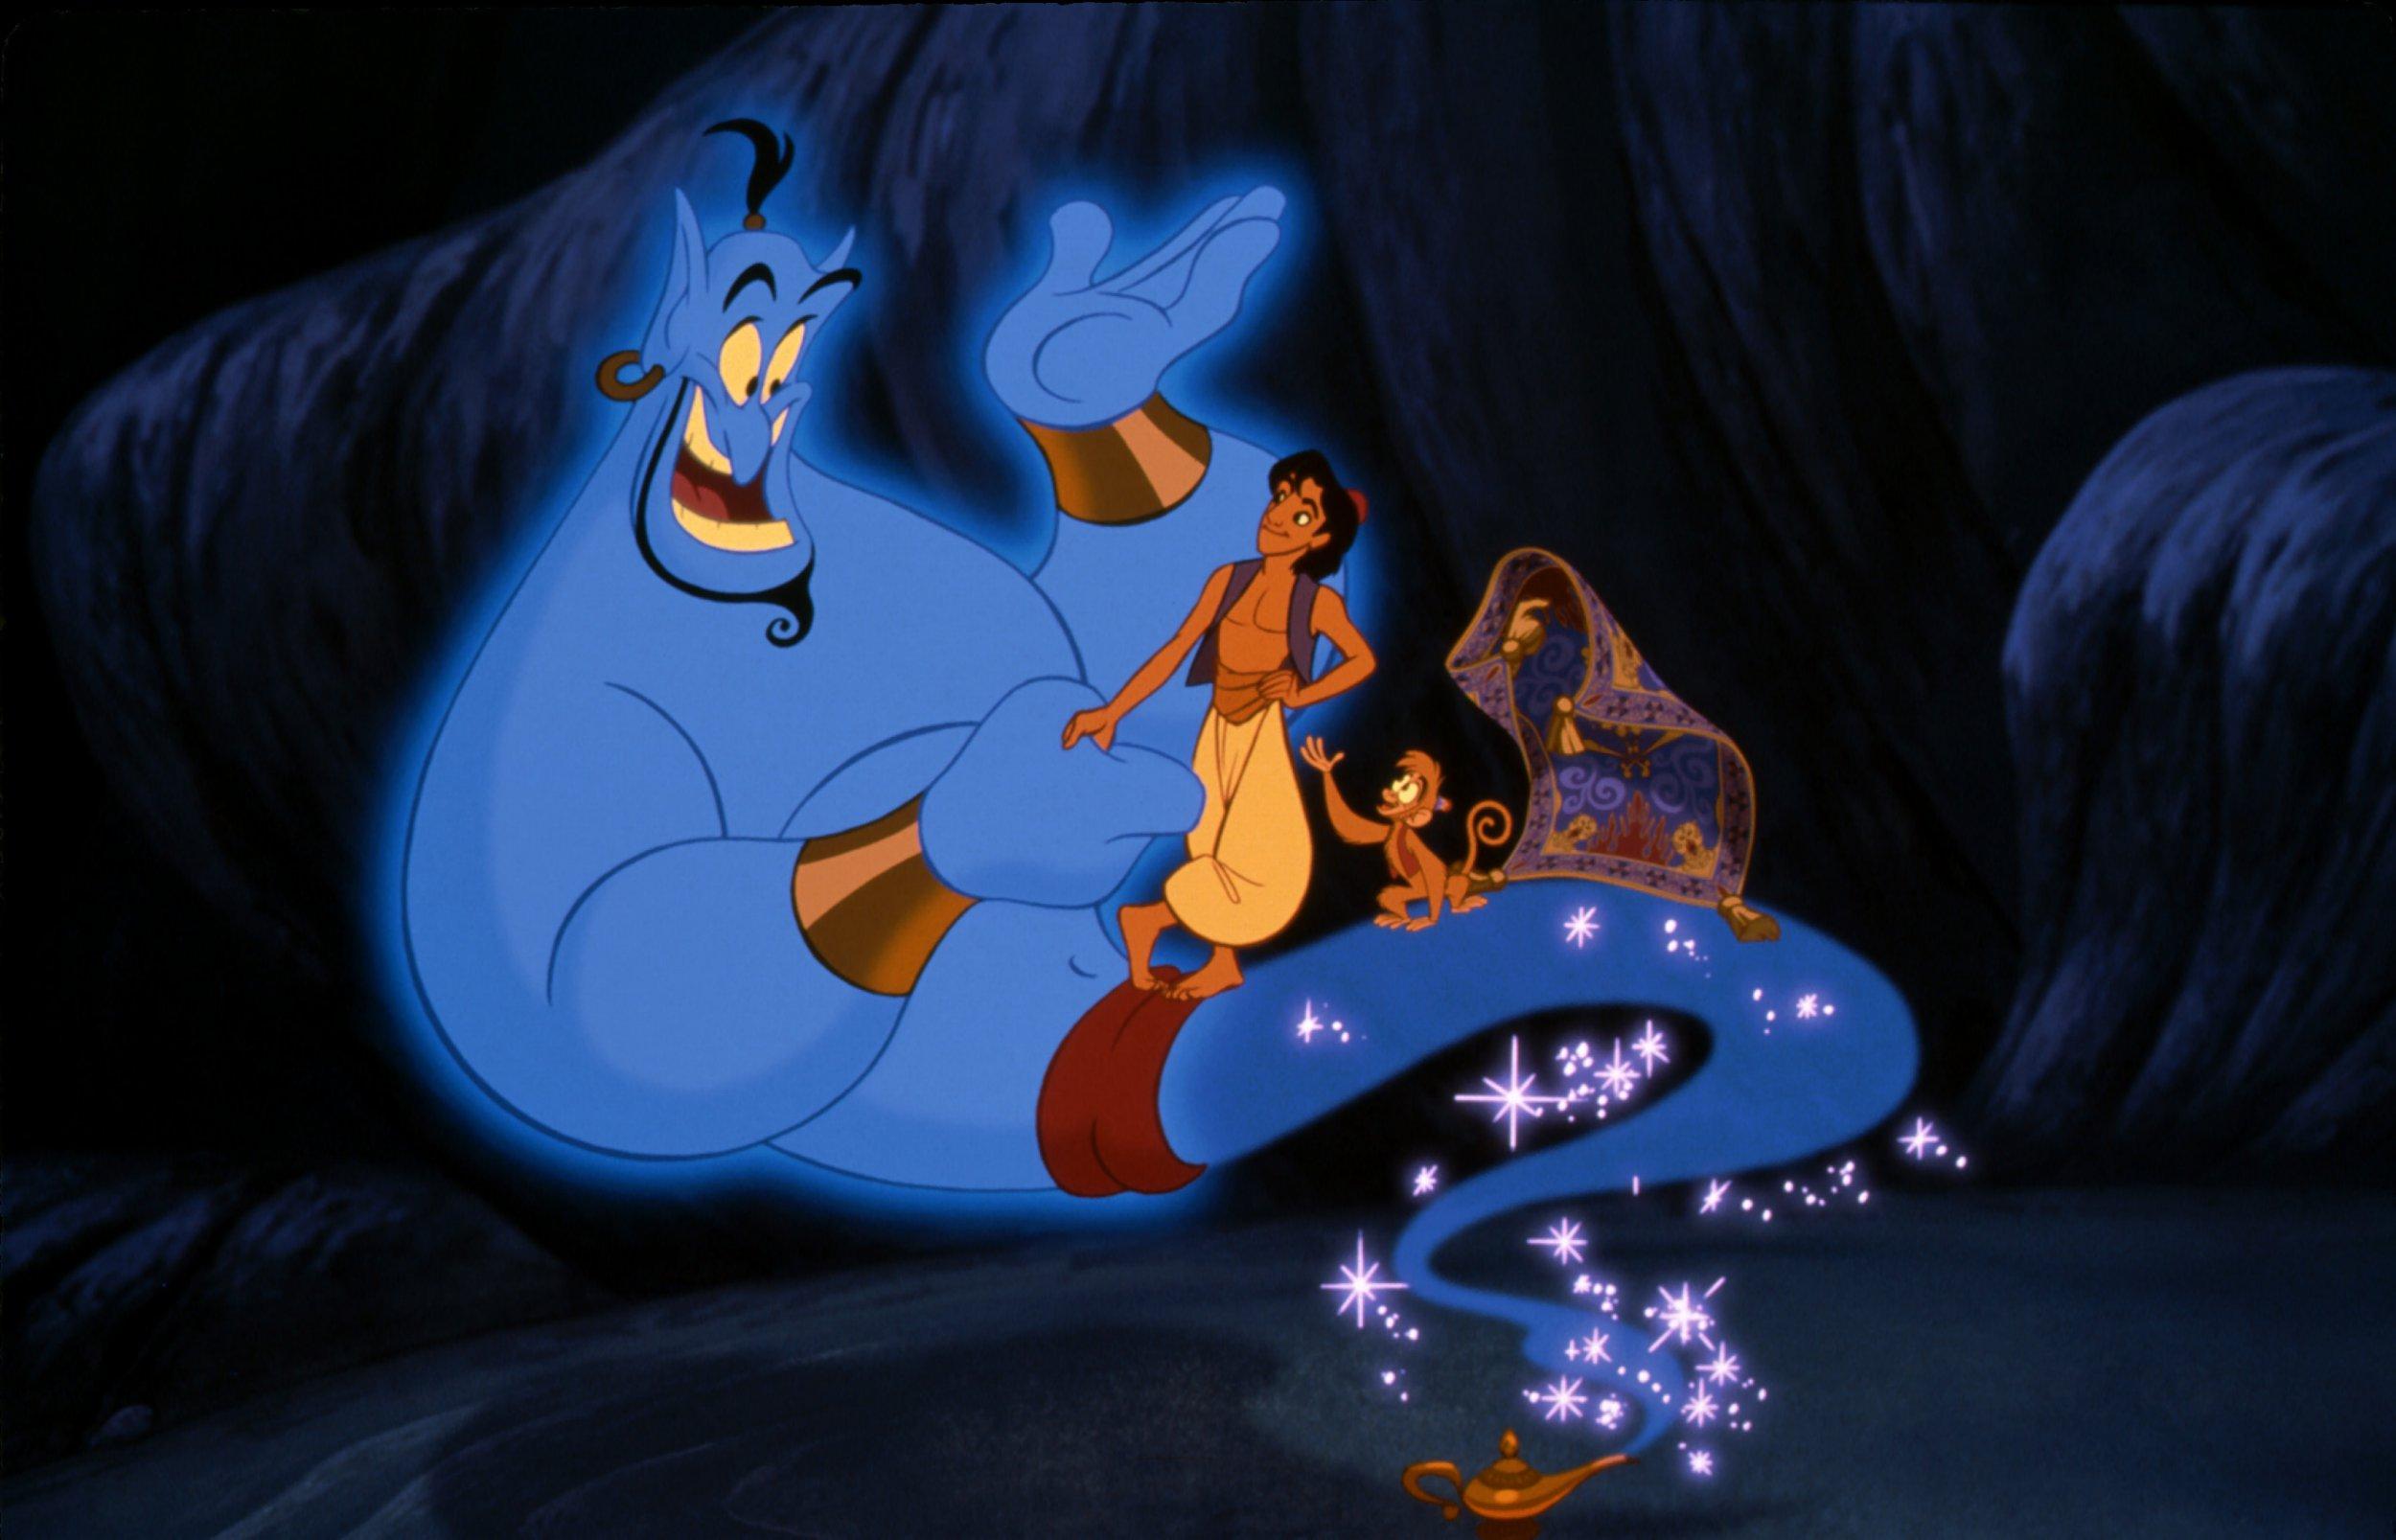 Aladdin (Picture: Disney)